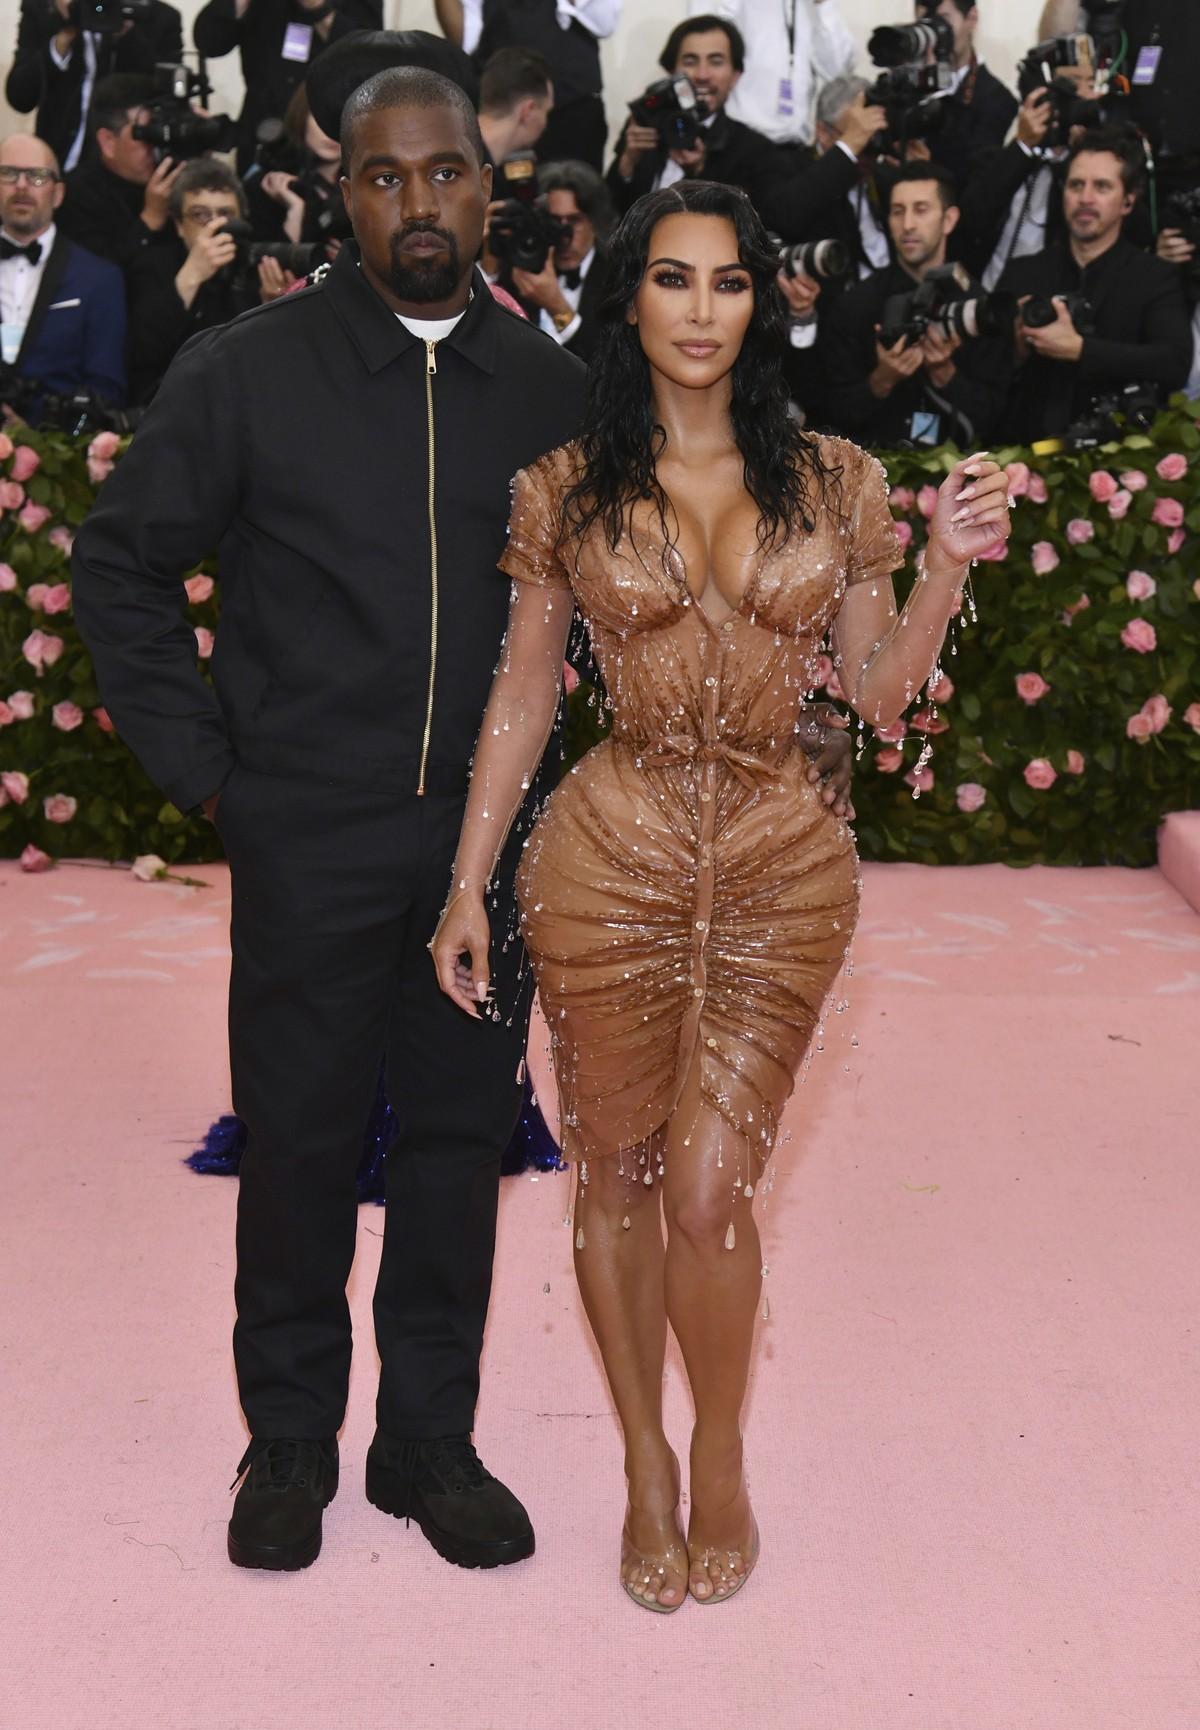 Kanye West diz que tenta se divorciar de Kim Kardashian há 2 anos e depois apaga publicação | Música